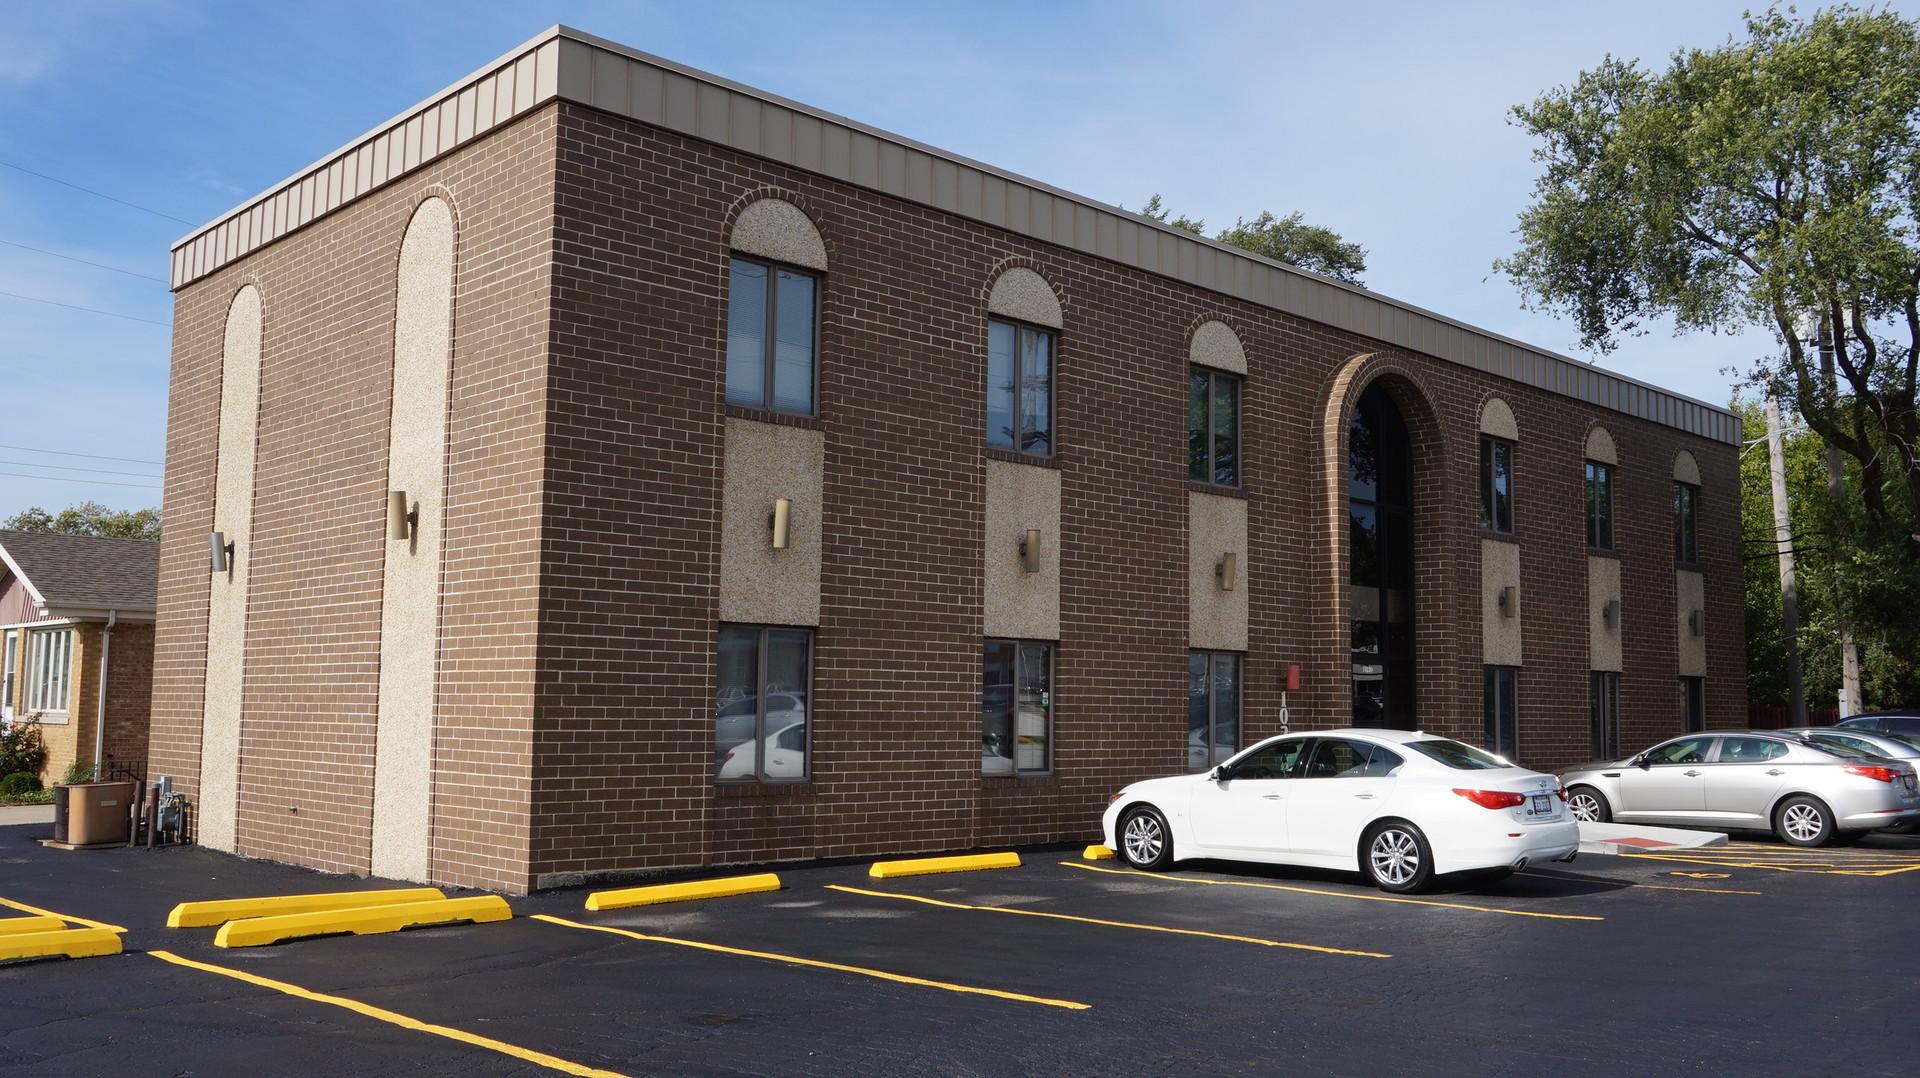 10220 Cicero Unit Unit 102 ,Oak Lawn, Illinois 60453